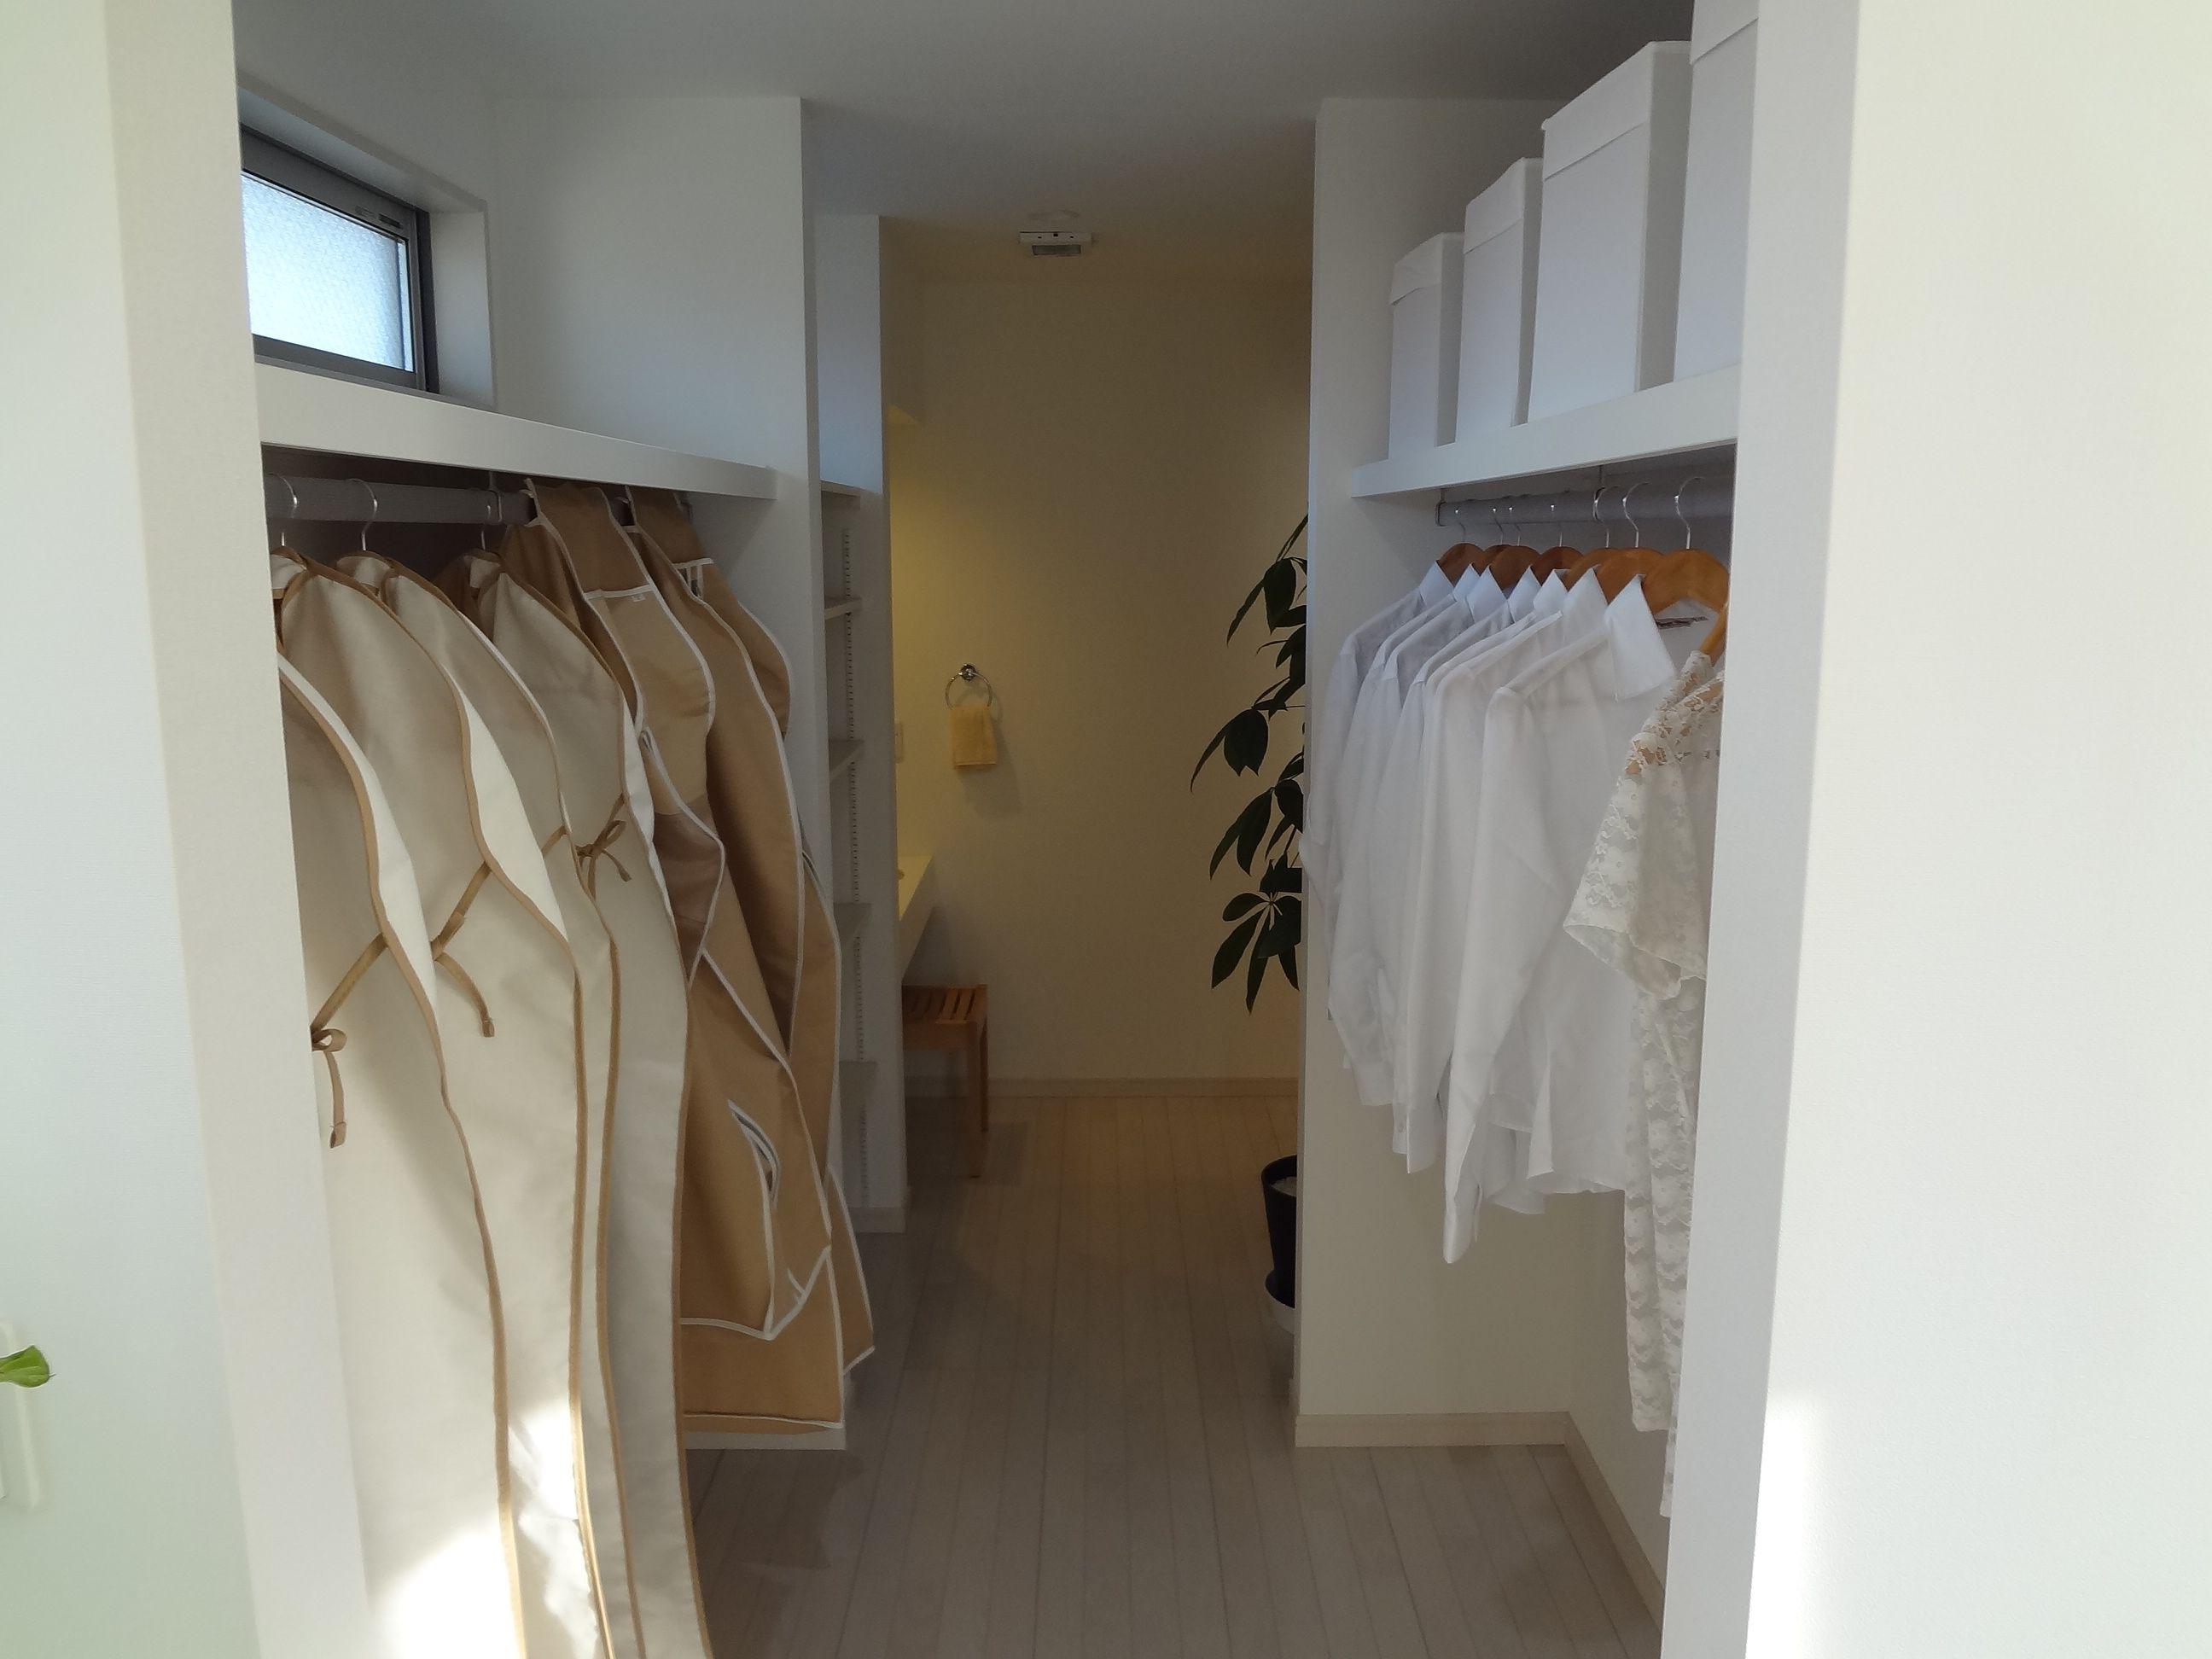 大型クローゼットがあれば、お部屋も広々使えます。